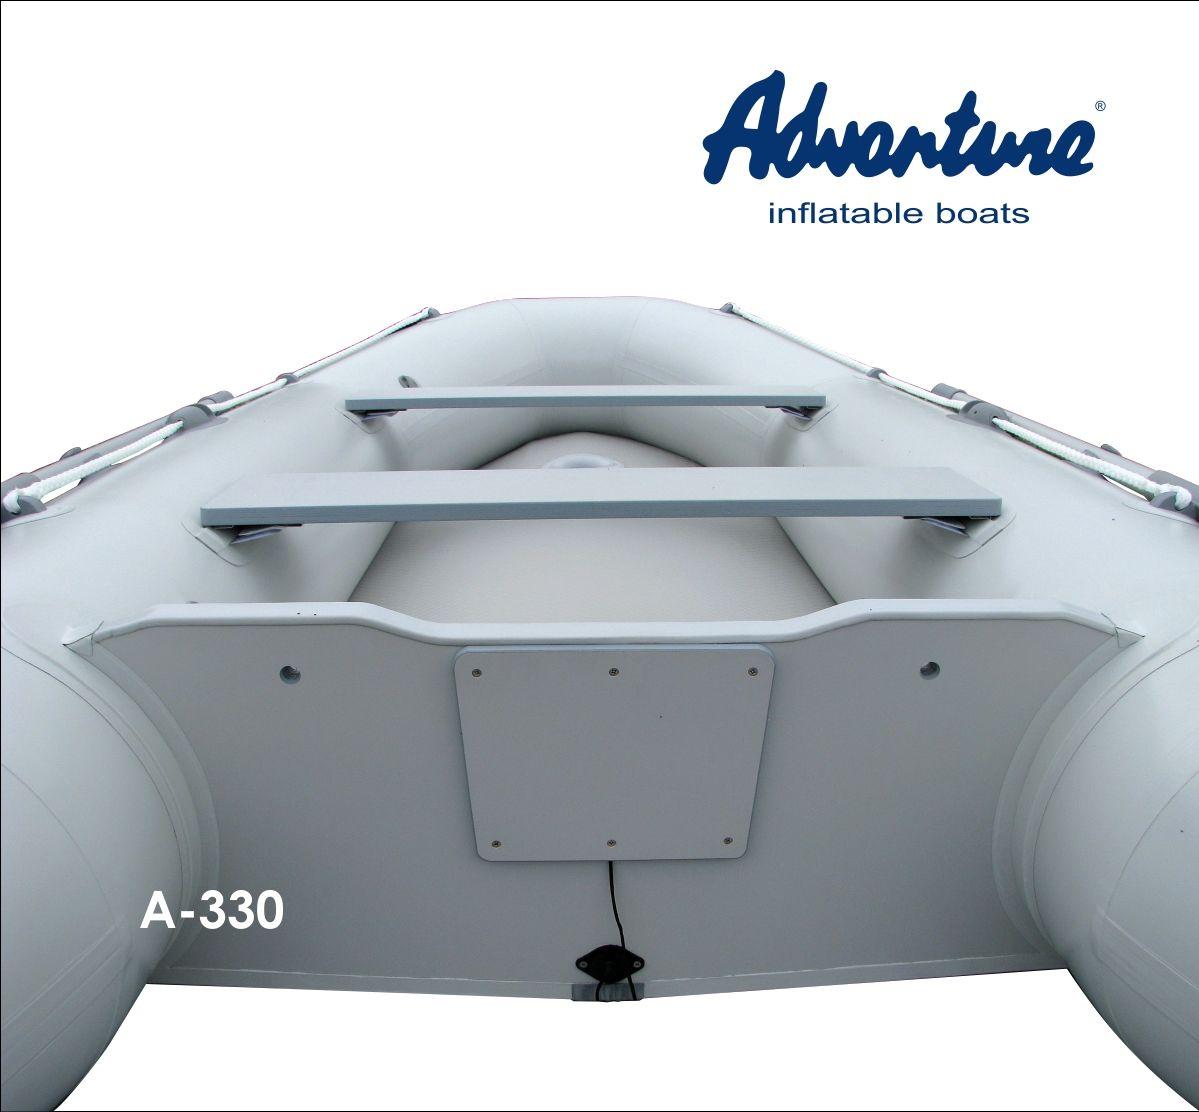 Надувная лодка Adventure Arta A-330 - фото 5